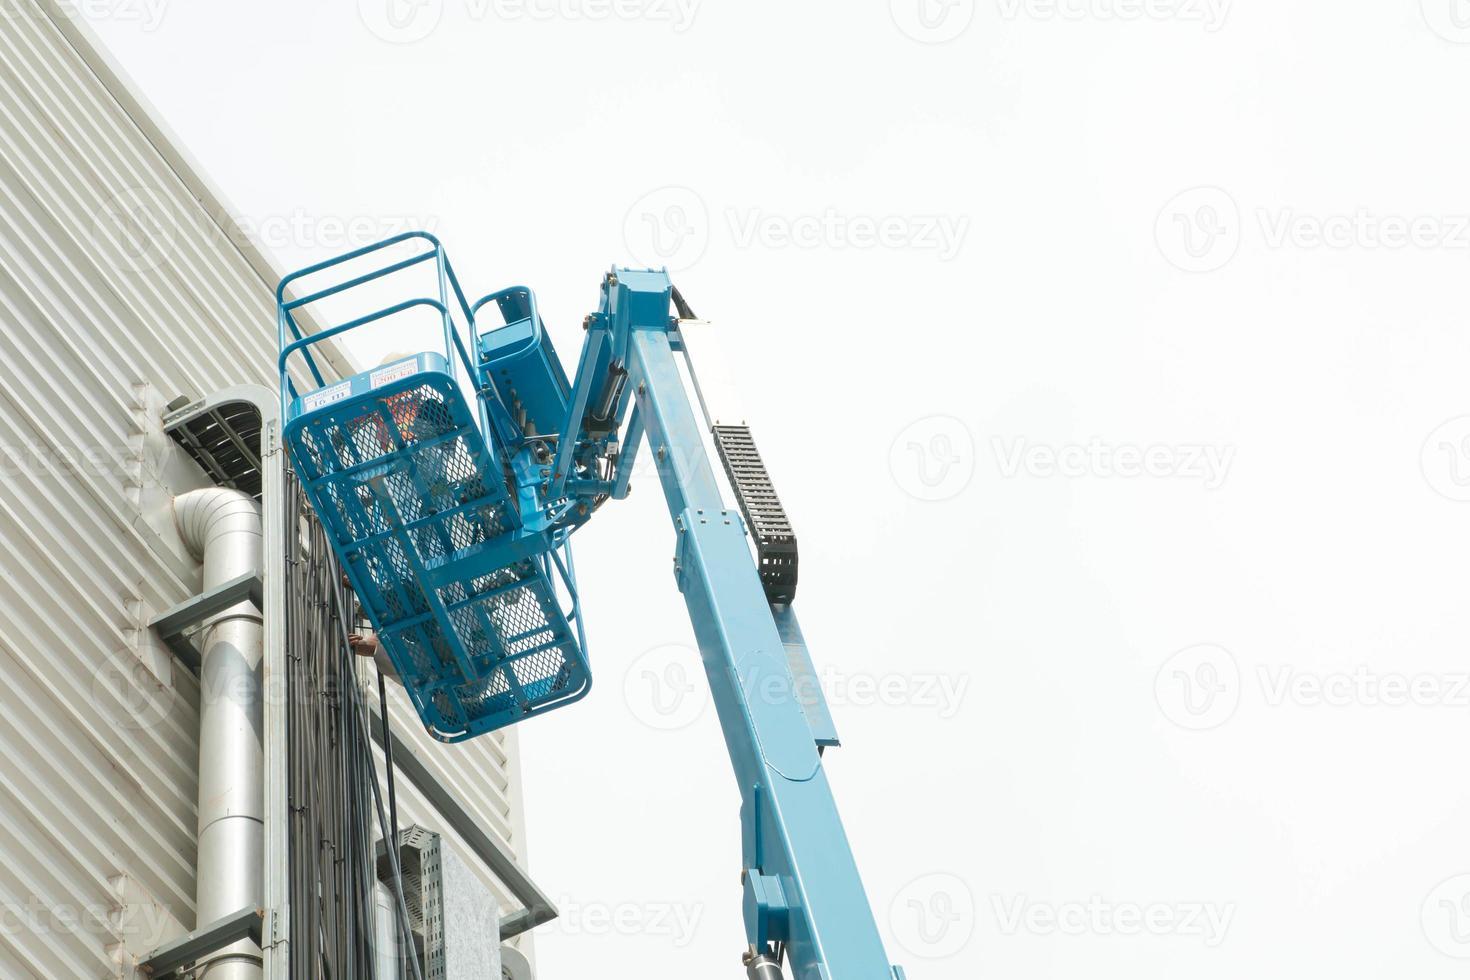 plataforma de construção móvel hidráulica elevada em direção a um azul foto